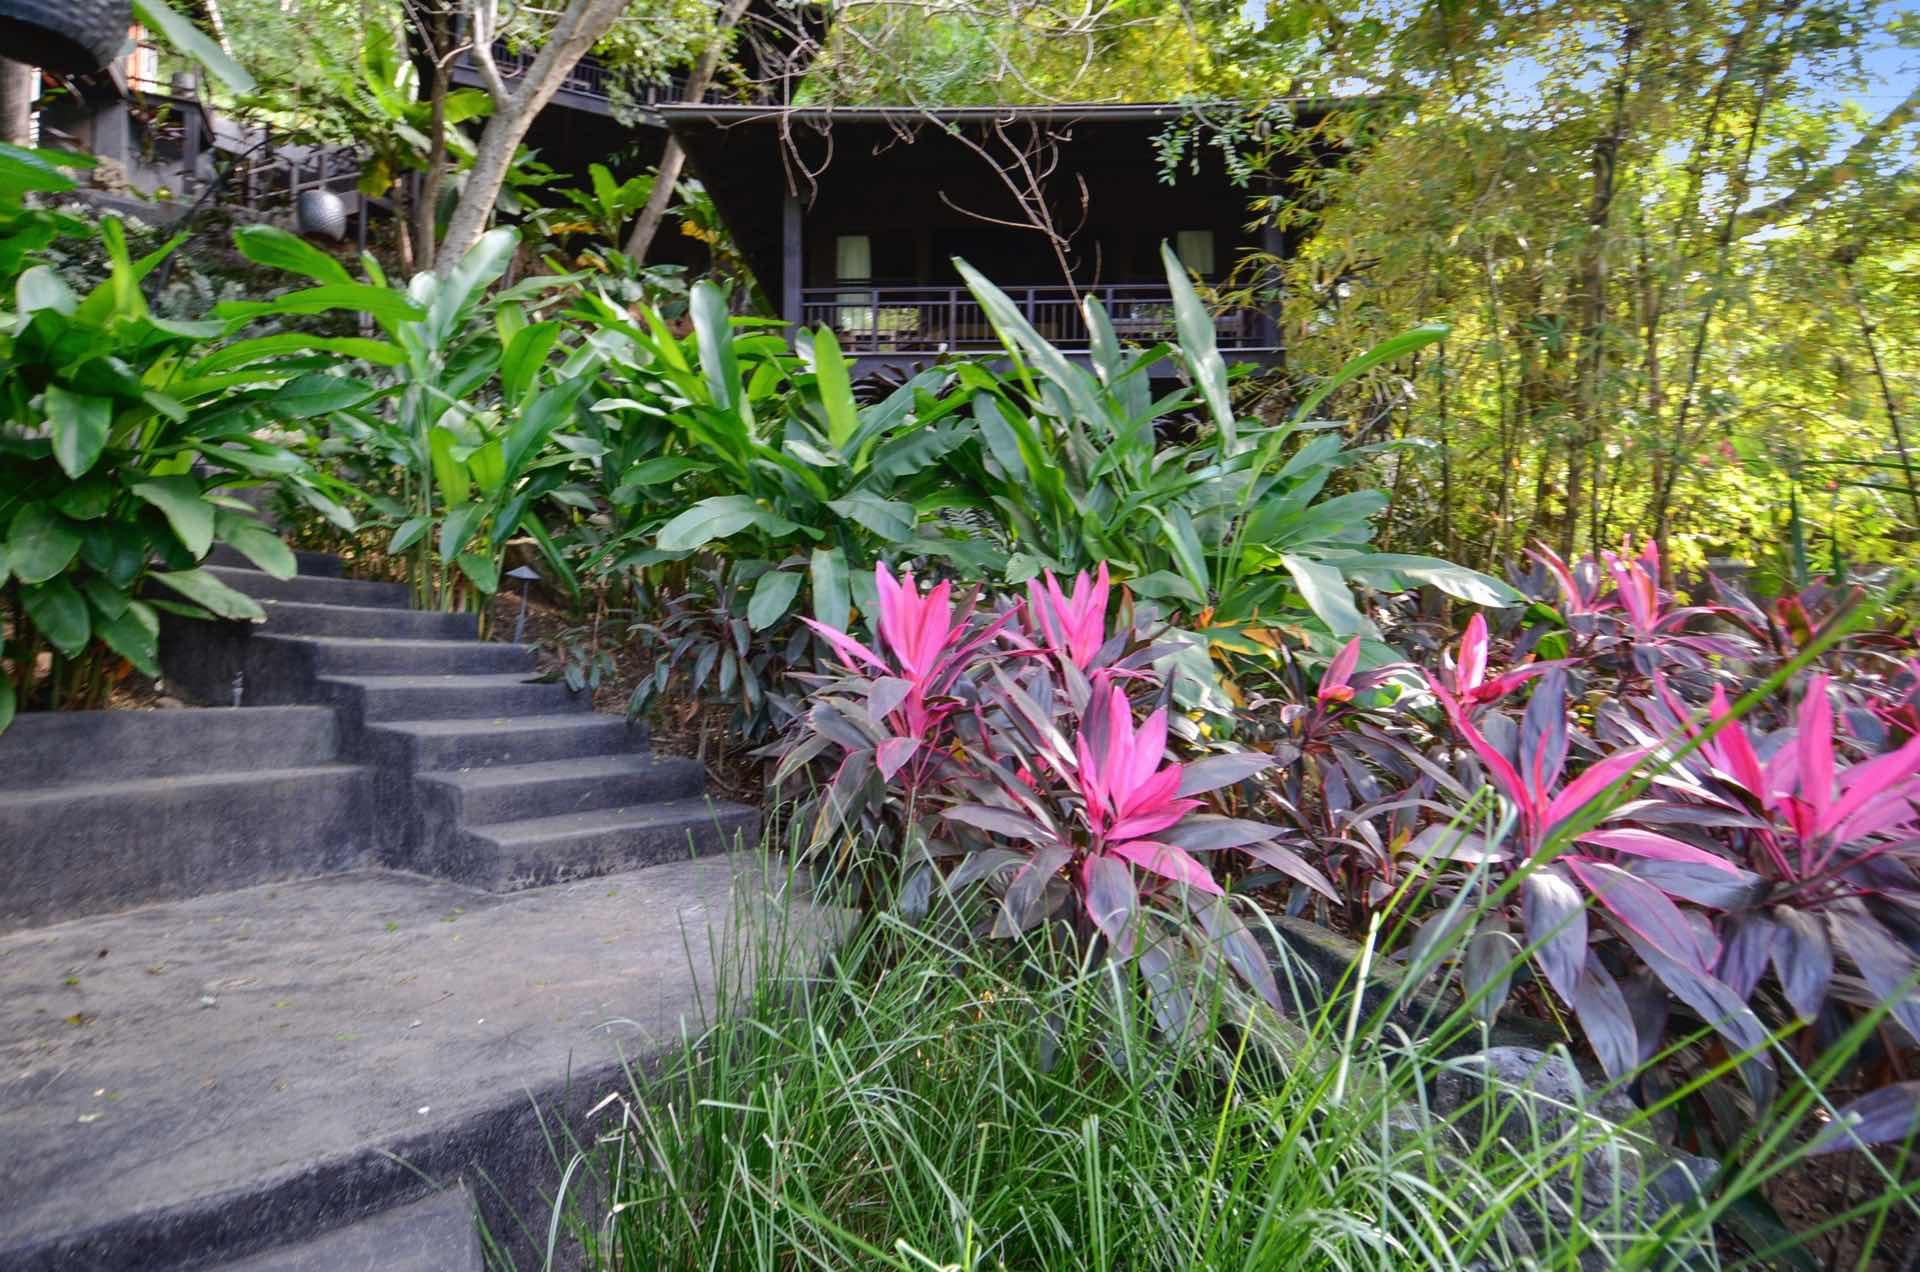 Colorful foliage surrounds El Chante